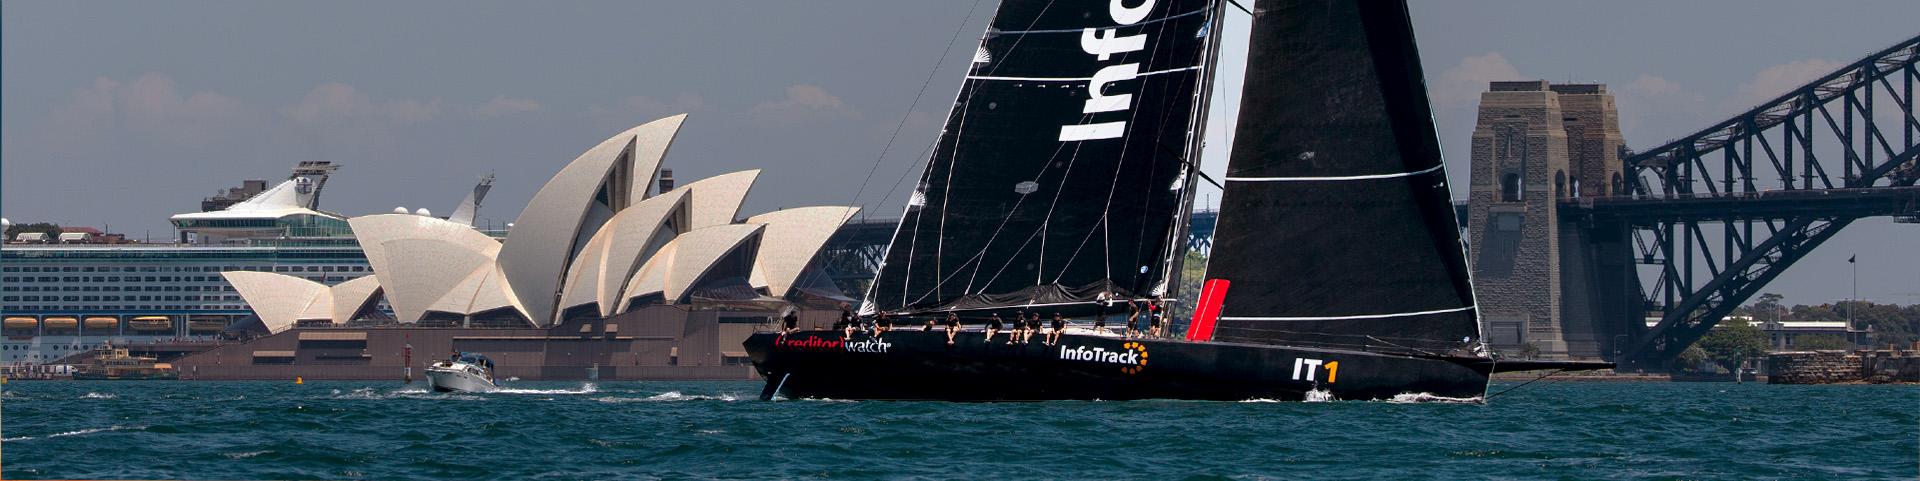 InfoTrack sails Sydney to Hobart